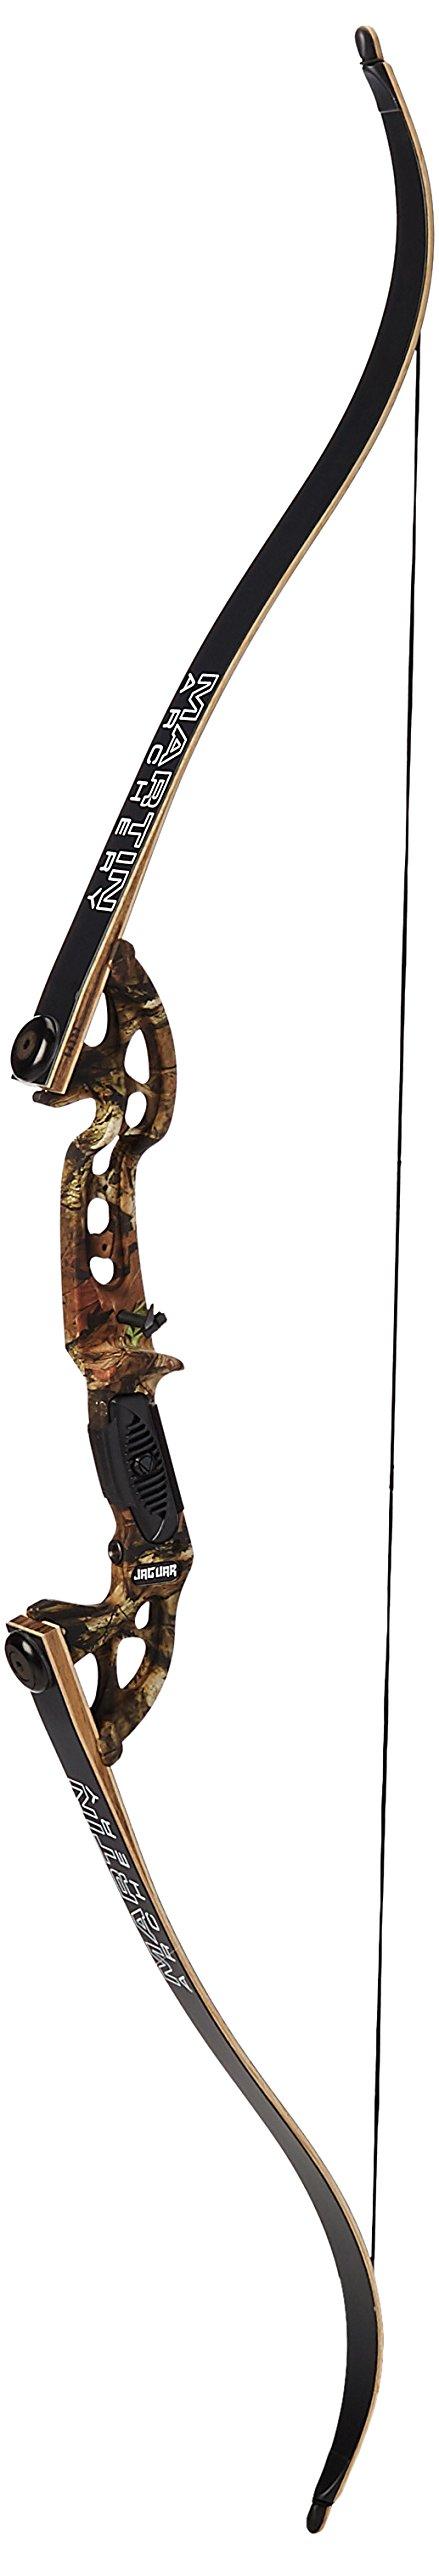 Martin Archery Jaguar Elite 55# Bow